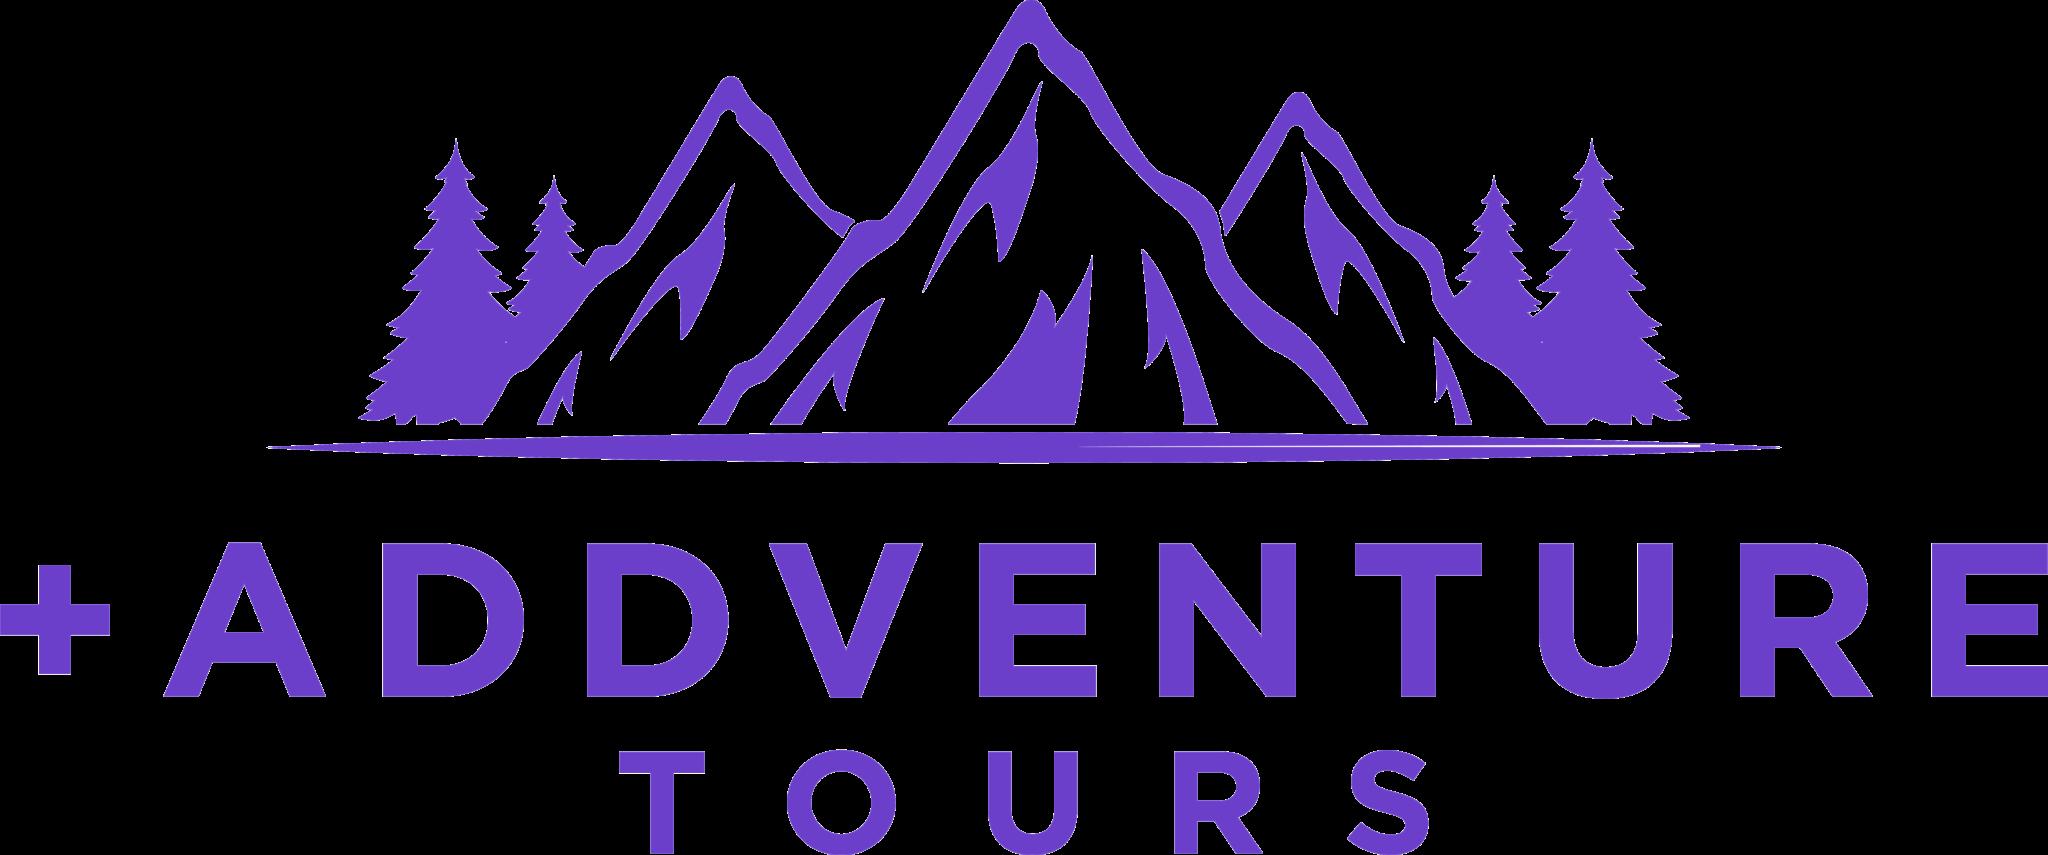 AddVenture Tours